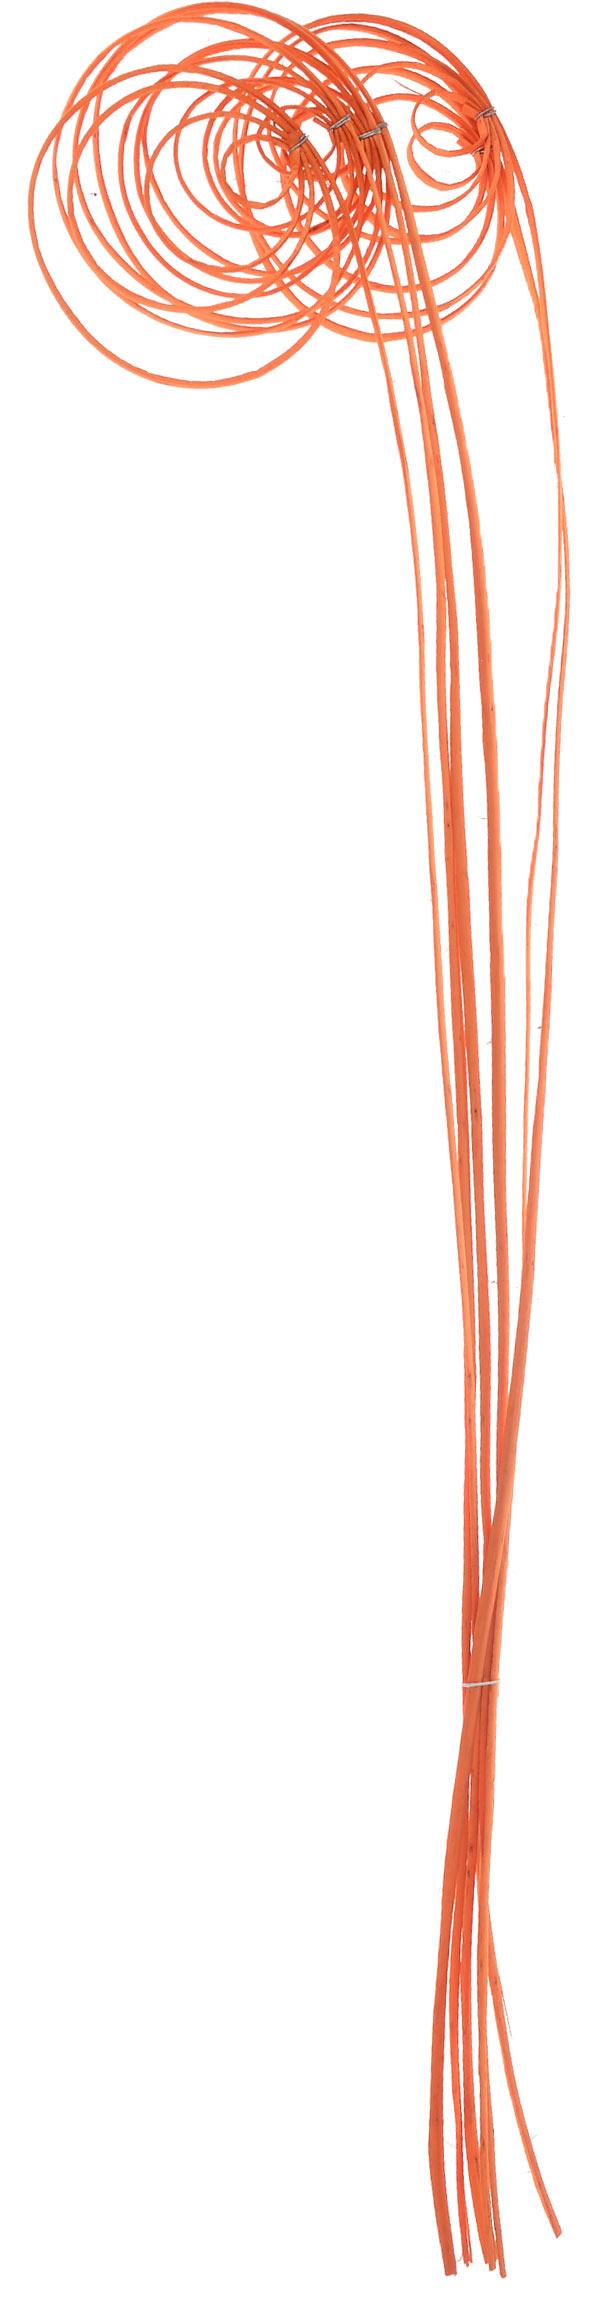 Украшение декоративное Lovemark Завиток. Спираль, цвет: оранжевый, 6 шт6060_оранжевыйУкрашение декоративное Lovemark Завиток. Спираль - великолепный подарок себе и вашим близким. Этот очаровательный предмет интерьера будет приковывать взгляды ваших гостей. Изделия из соломки несут в себе энергию солнечных лучей. Несмотря на свой хрупкий вид, солома - прочный и долговечный материал, а значит не помнется и не поломается со временем. Рекомендации по уходу: изделие должно находиться в сухом помещении.